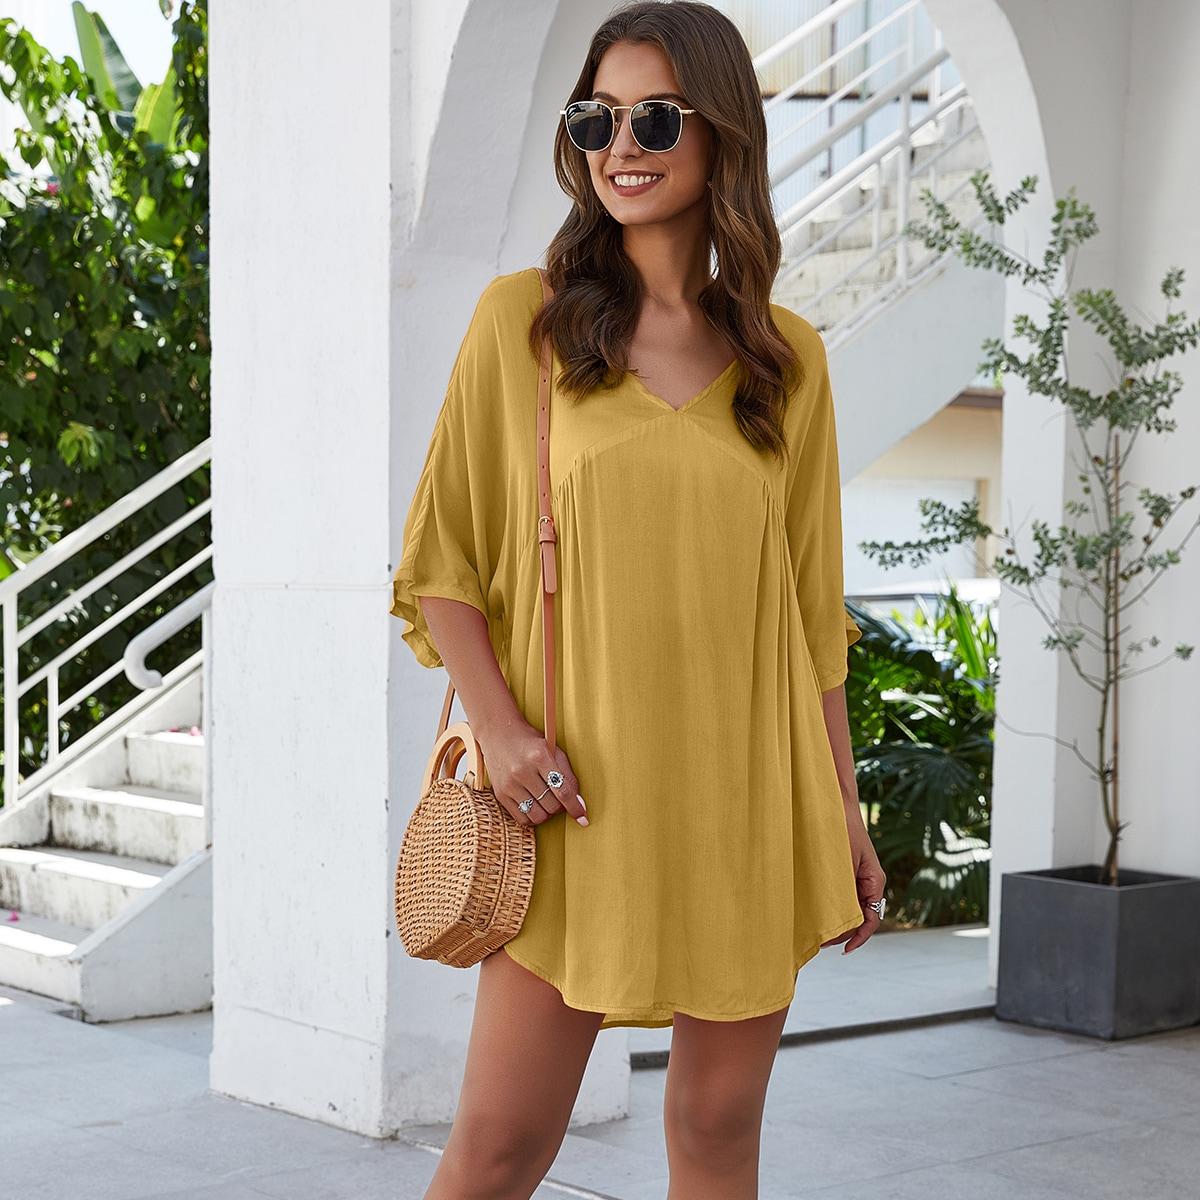 Горчично-желтый высокая Низкая Одноцветный Бохо Блузы фото